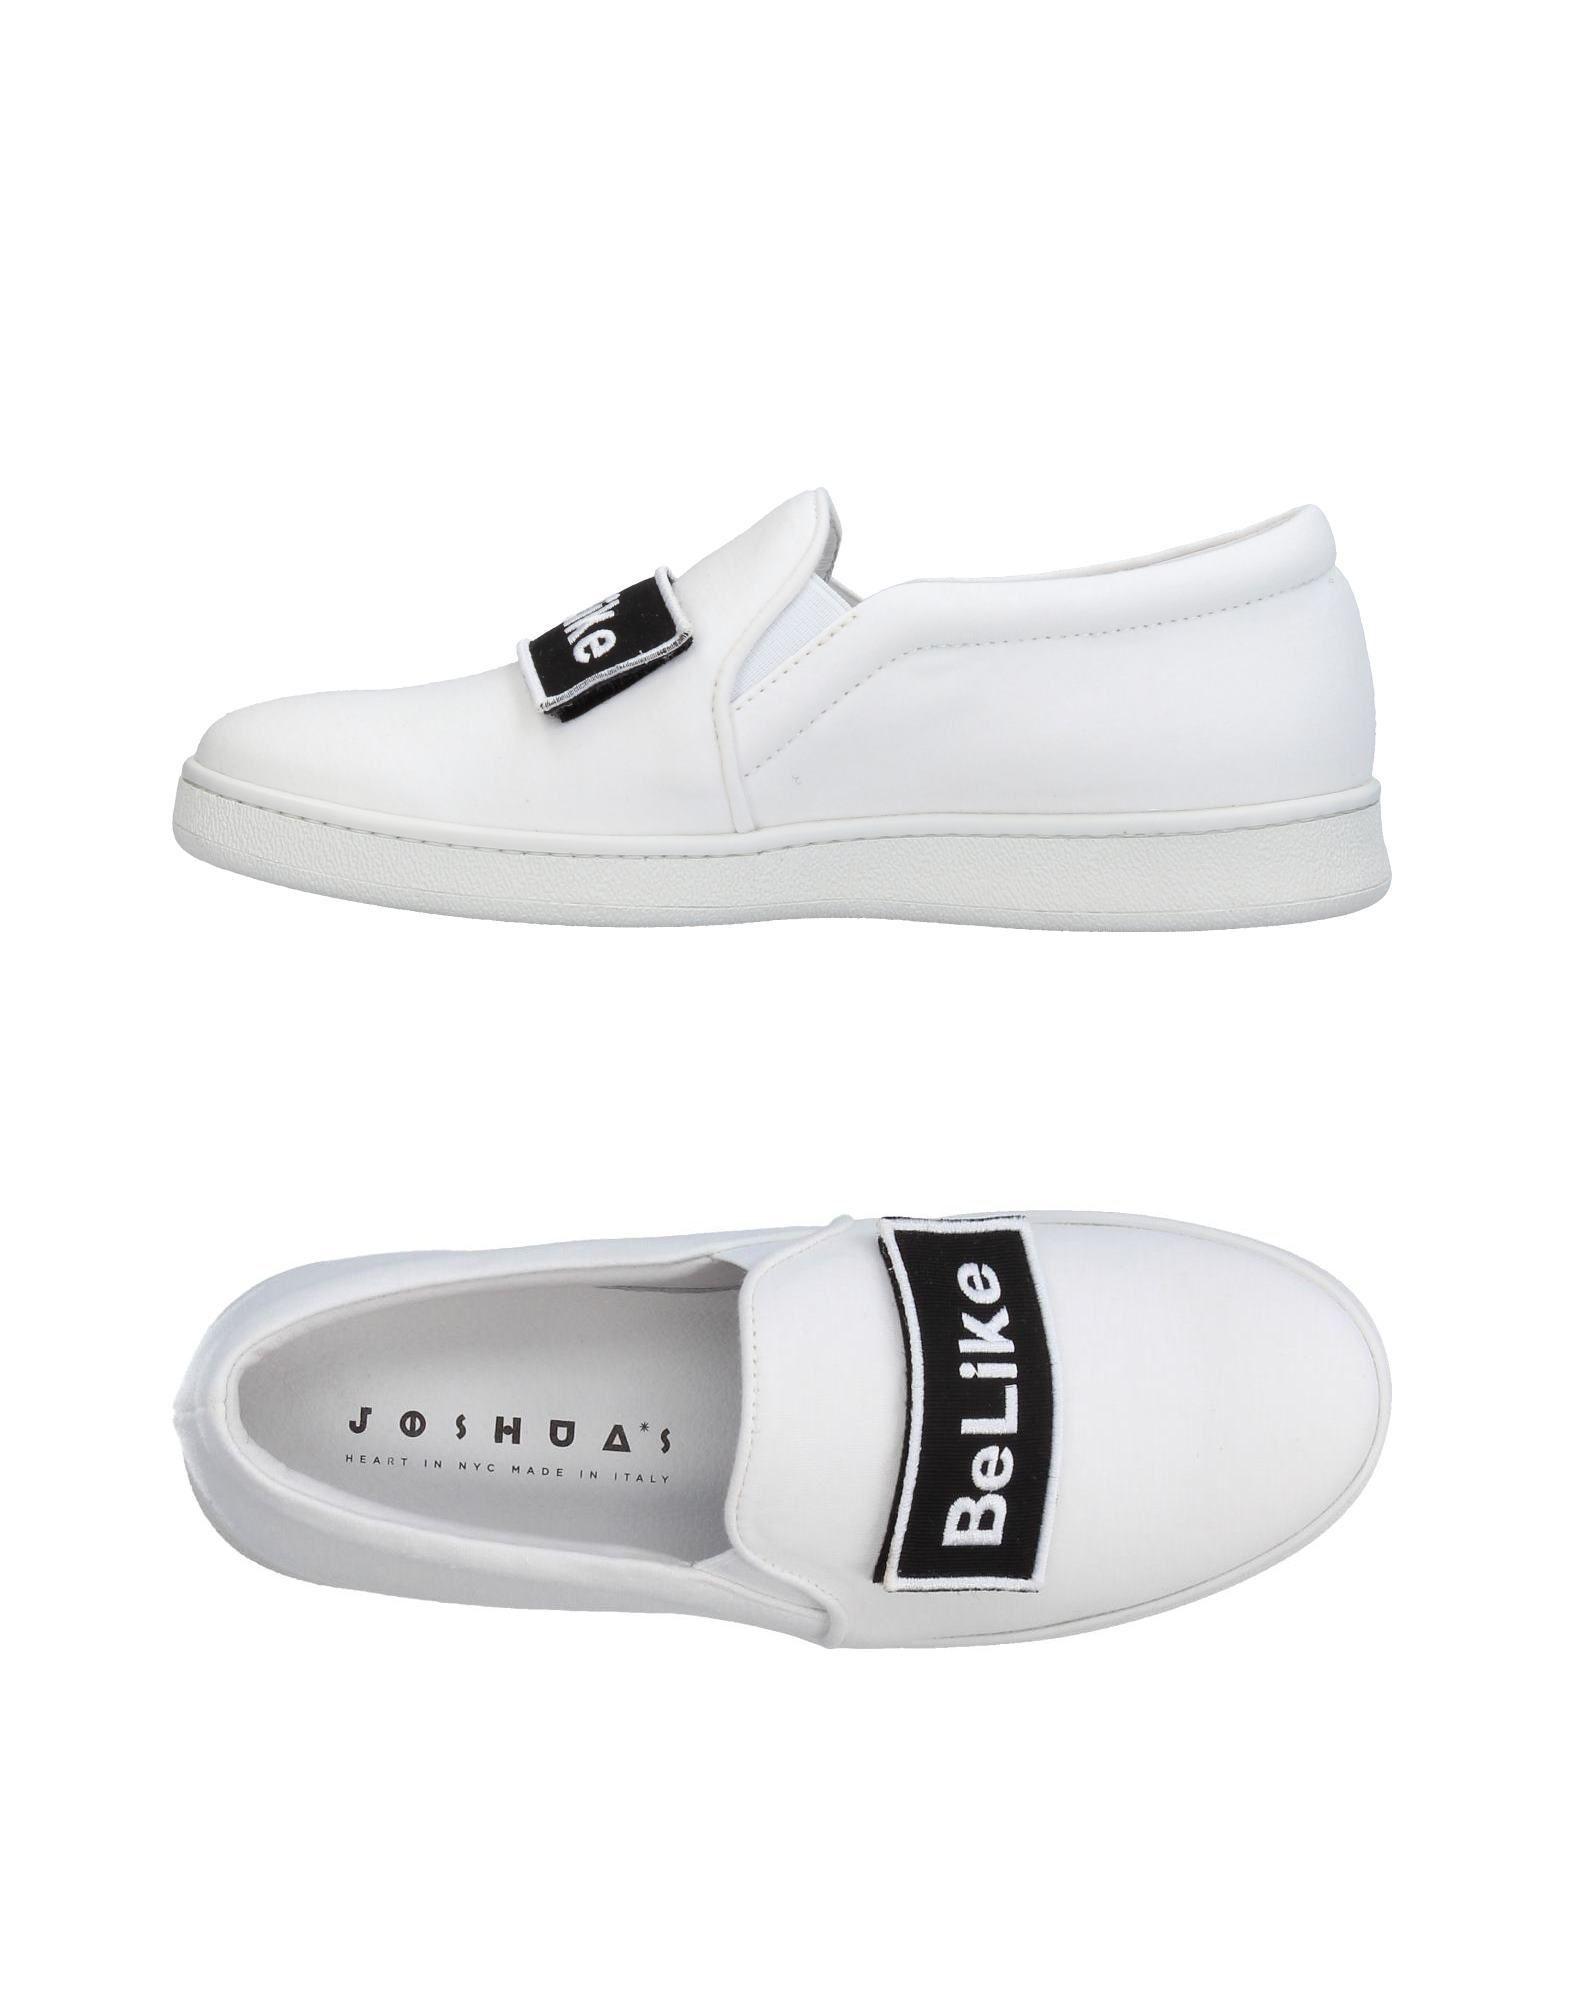 Moda Sneakers Joshua*S Donna - - Donna 11391267BC f358a9